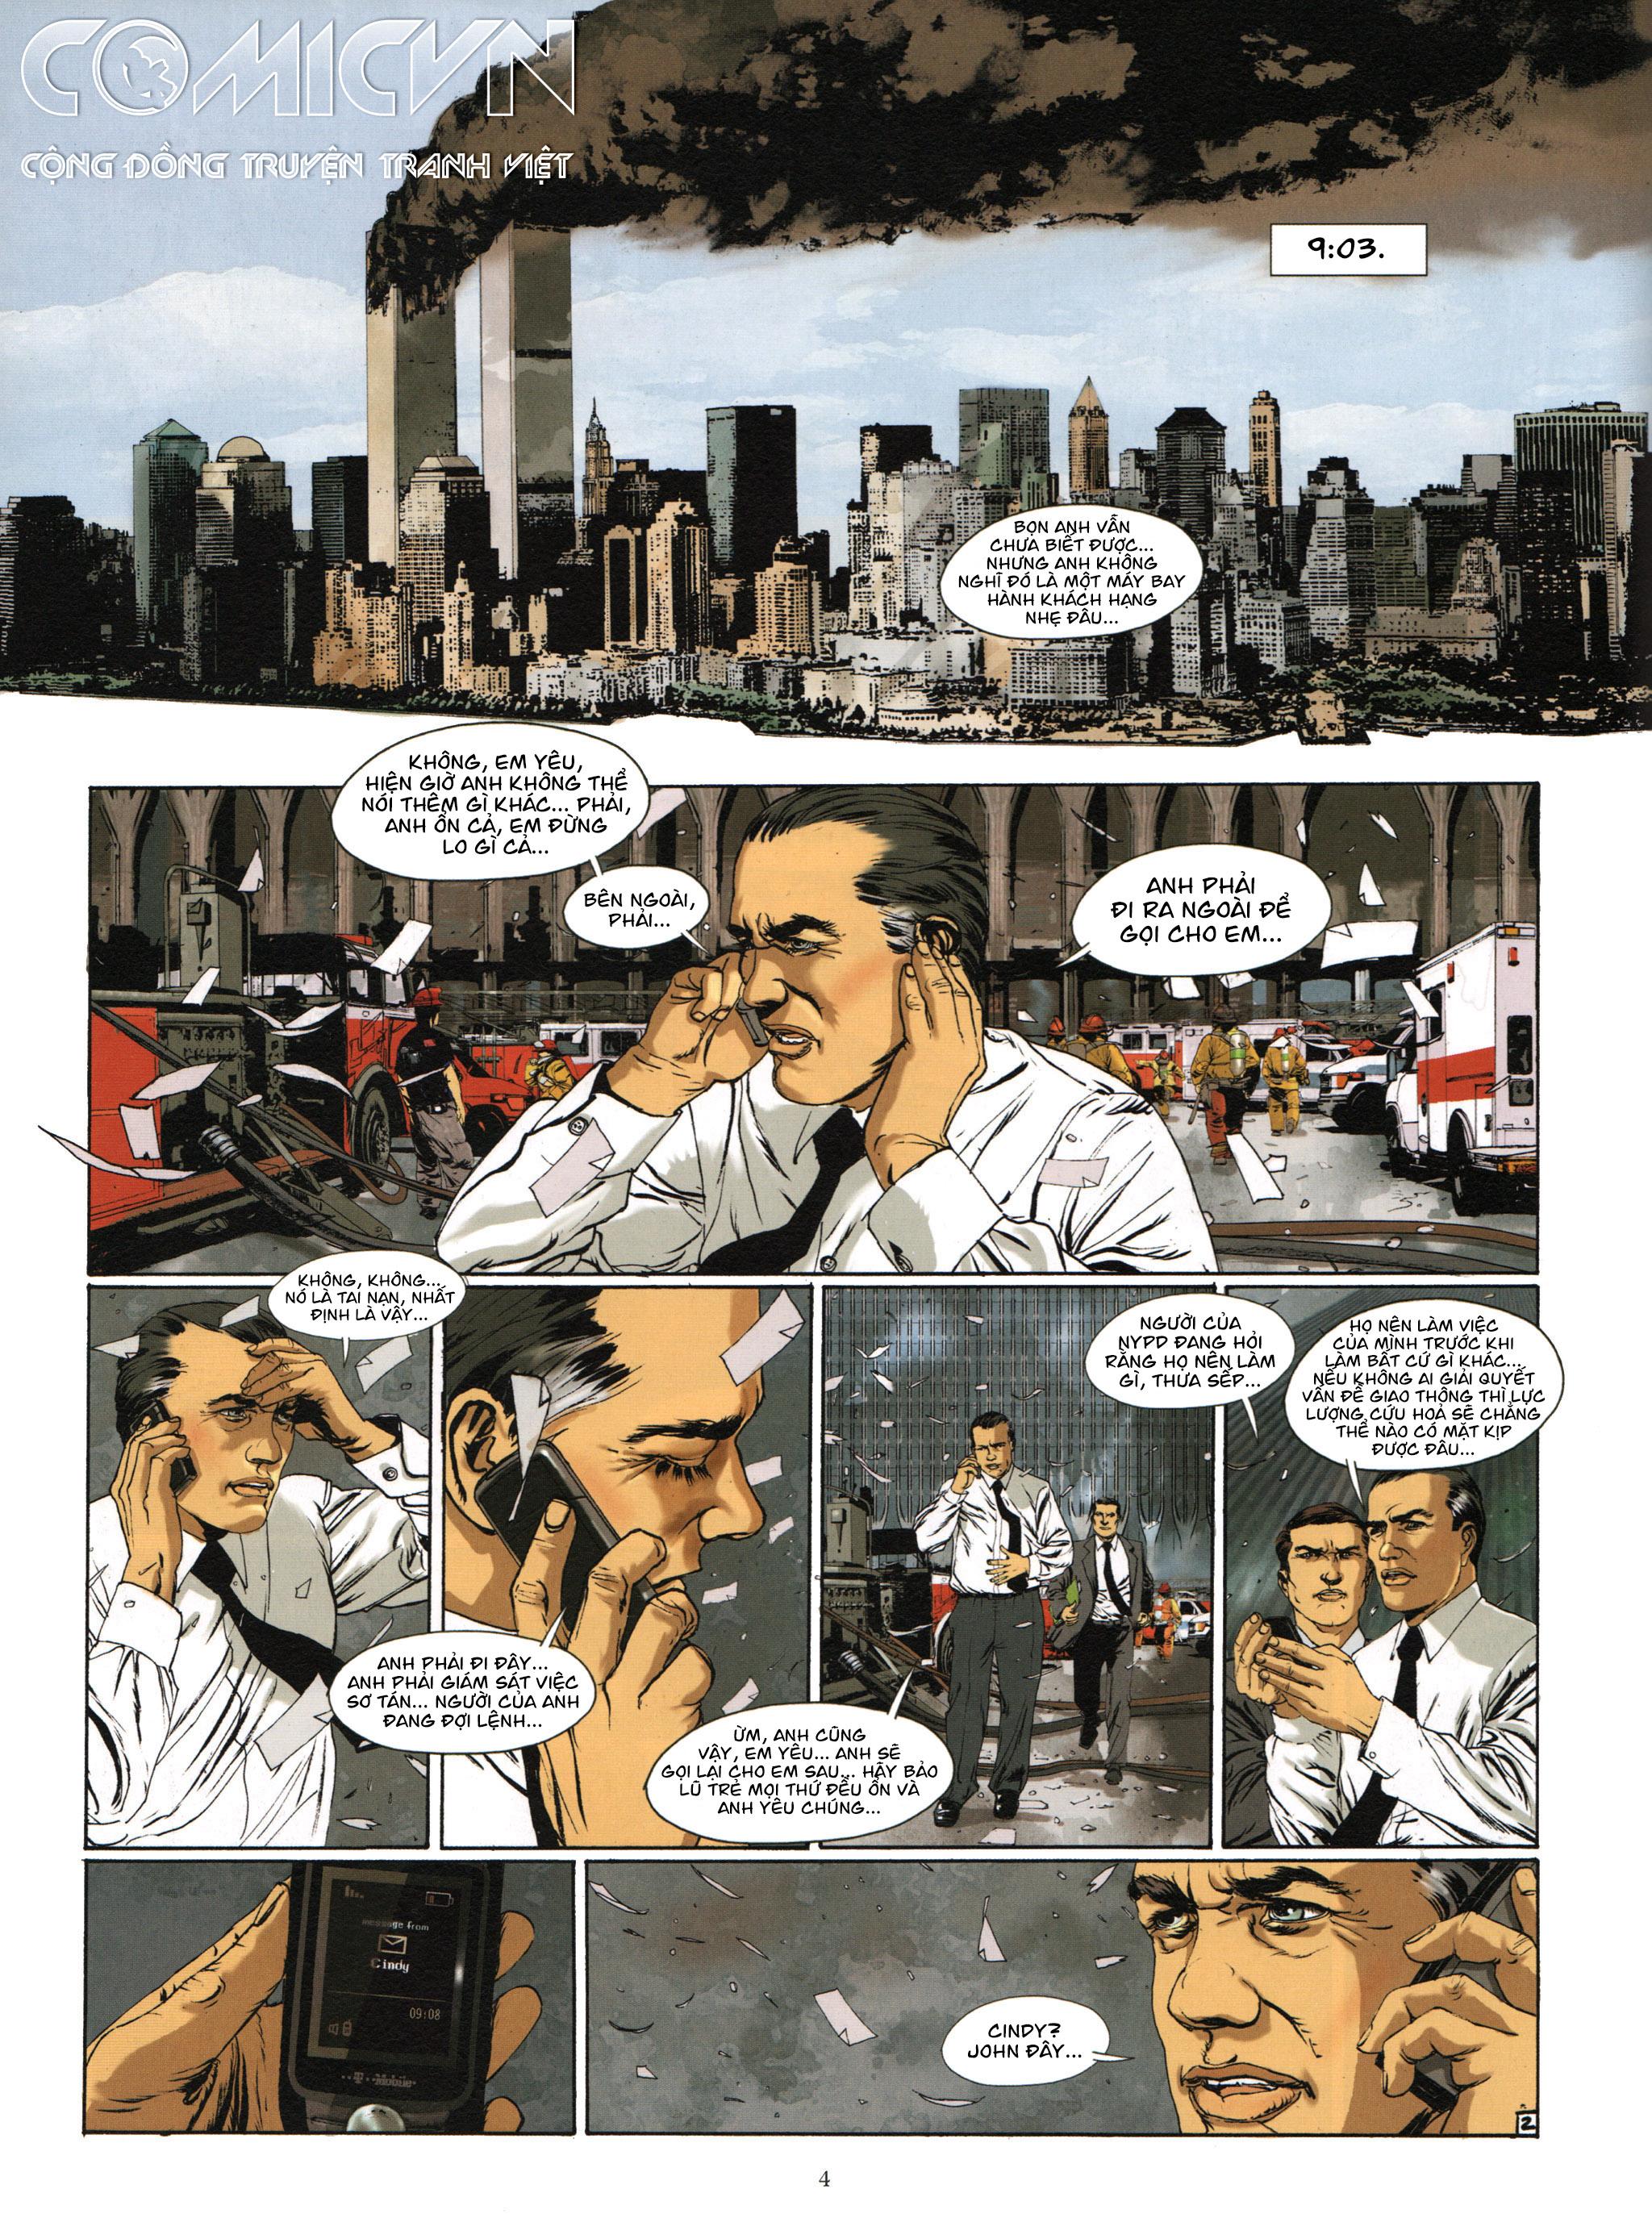 9/11 - Chiến Hoạ Khủng Bố